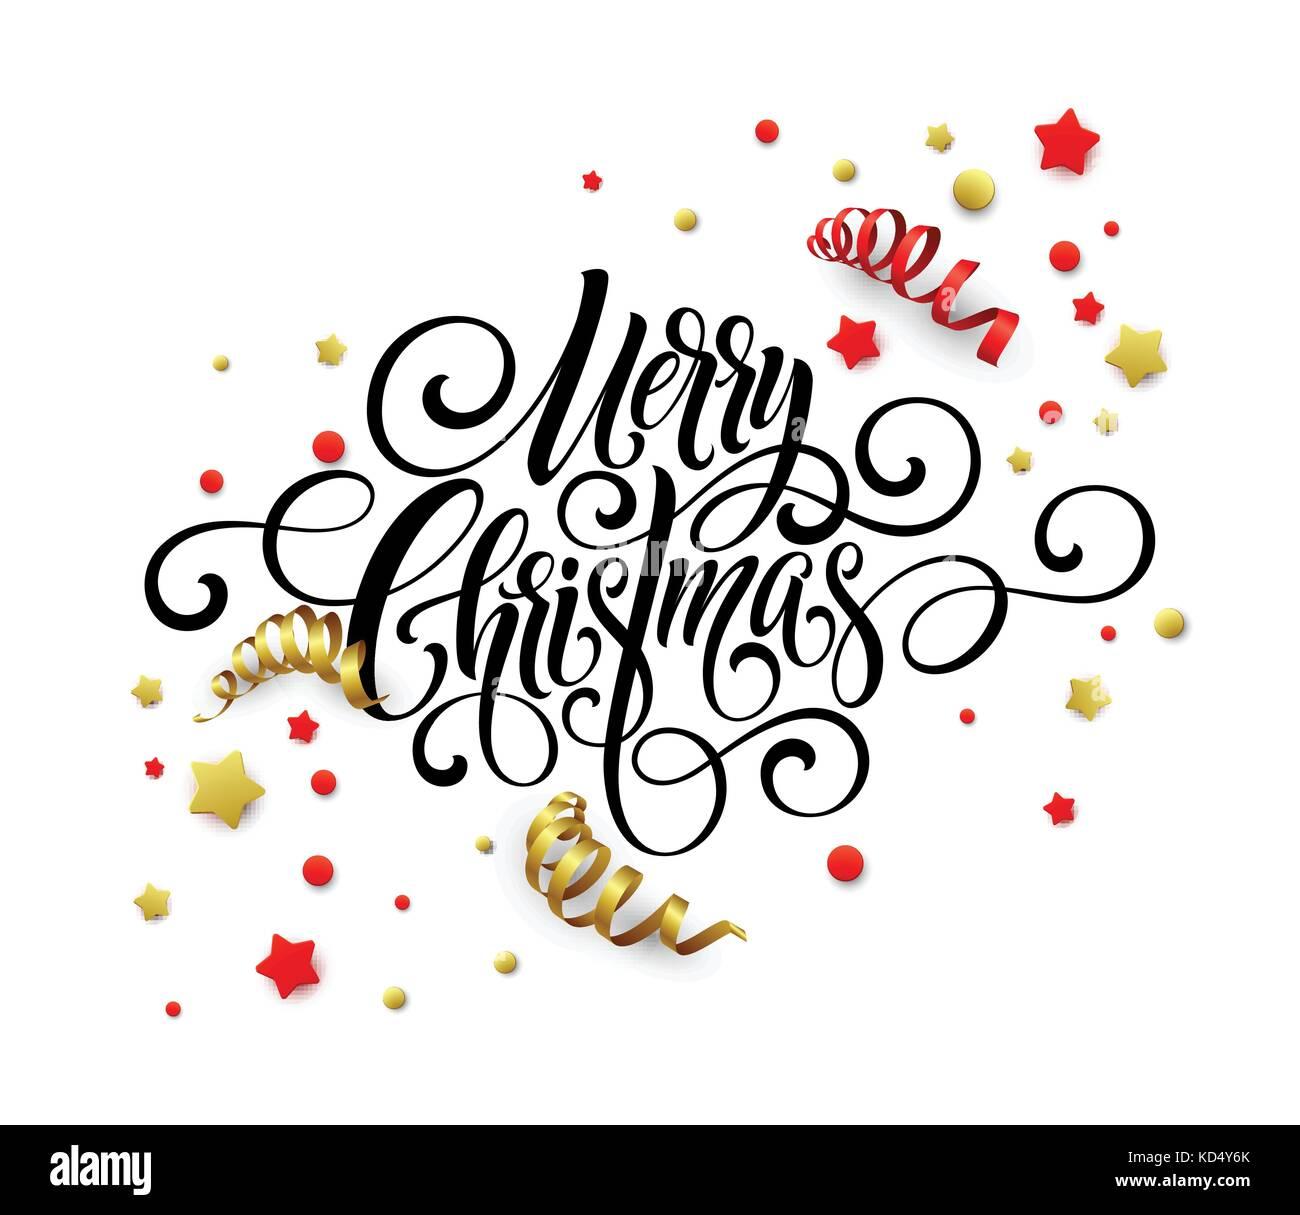 Felicitaciones Escritas De Navidad.Feliz Navidad Letras Script De Escritura Felicitaciones De